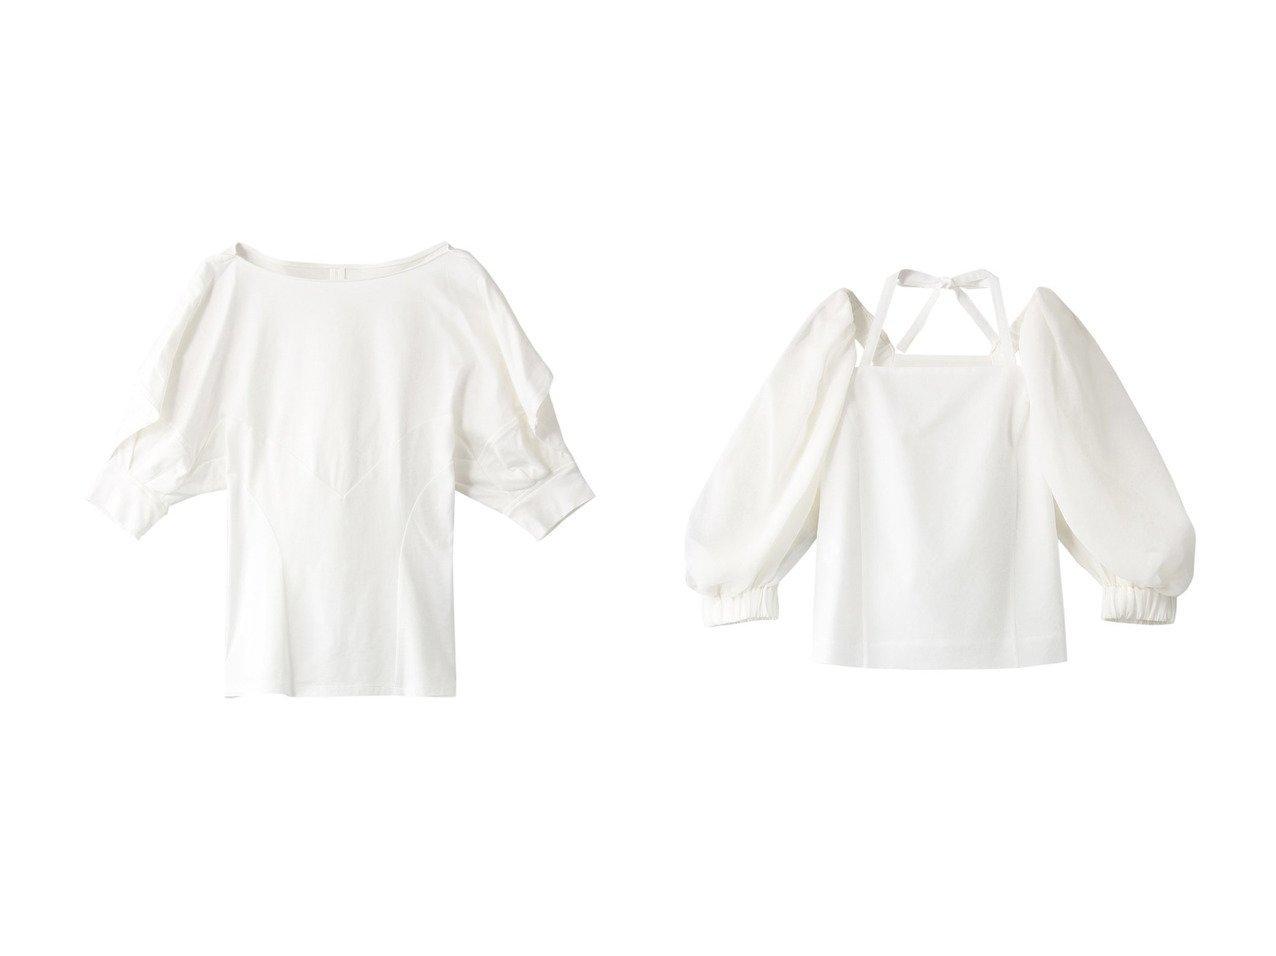 【AKIRANAKA/アキラナカ】のドレープスリーブジャージプルオーバー&Cassandra スリーブプルオーバー 【トップス・カットソー】おすすめ!人気、トレンド・レディースファッションの通販  おすすめで人気の流行・トレンド、ファッションの通販商品 メンズファッション・キッズファッション・インテリア・家具・レディースファッション・服の通販 founy(ファニー) https://founy.com/ ファッション Fashion レディースファッション WOMEN トップス・カットソー Tops/Tshirt シャツ/ブラウス Shirts/Blouses ロング / Tシャツ T-Shirts プルオーバー Pullover カットソー Cut and Sewn 2021年 2021 2021春夏・S/S SS/Spring/Summer/2021 S/S・春夏 SS・Spring/Summer シェイプ ショート ストレッチ スリーブ ドレープ フェミニン 春 Spring  ID:crp329100000028290